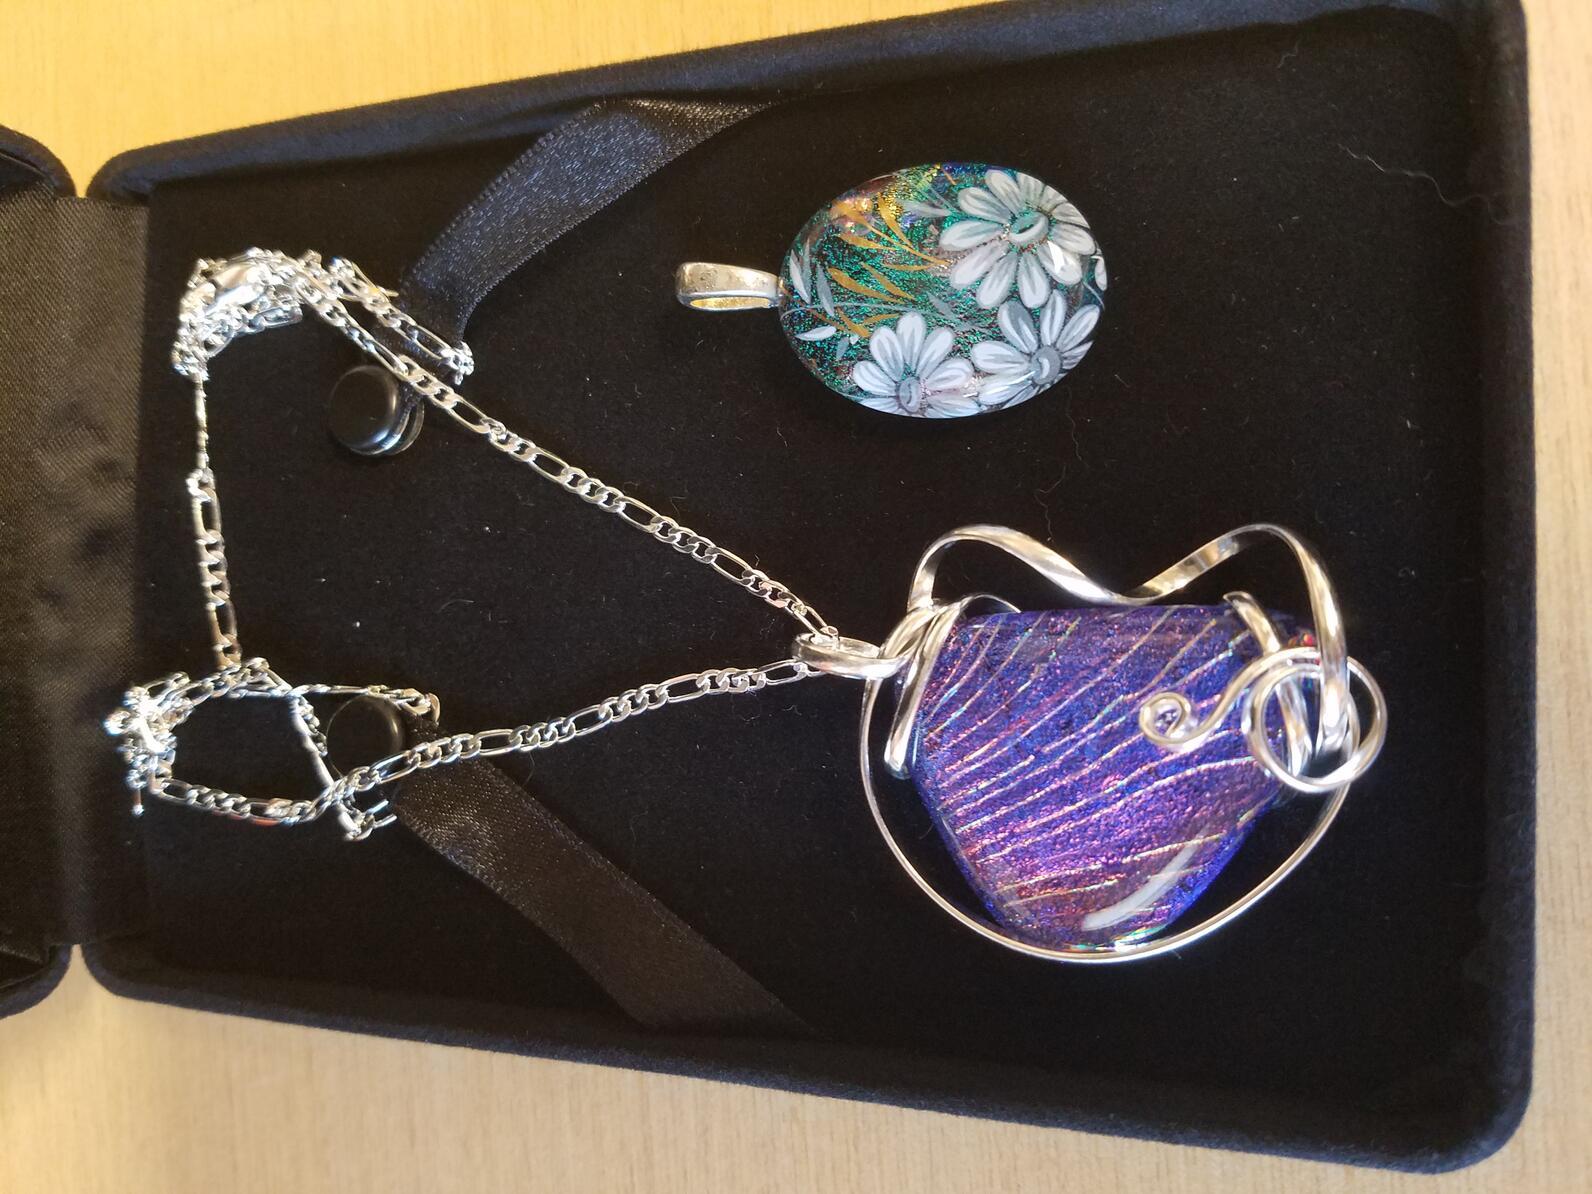 Art Glass pendants & necklace